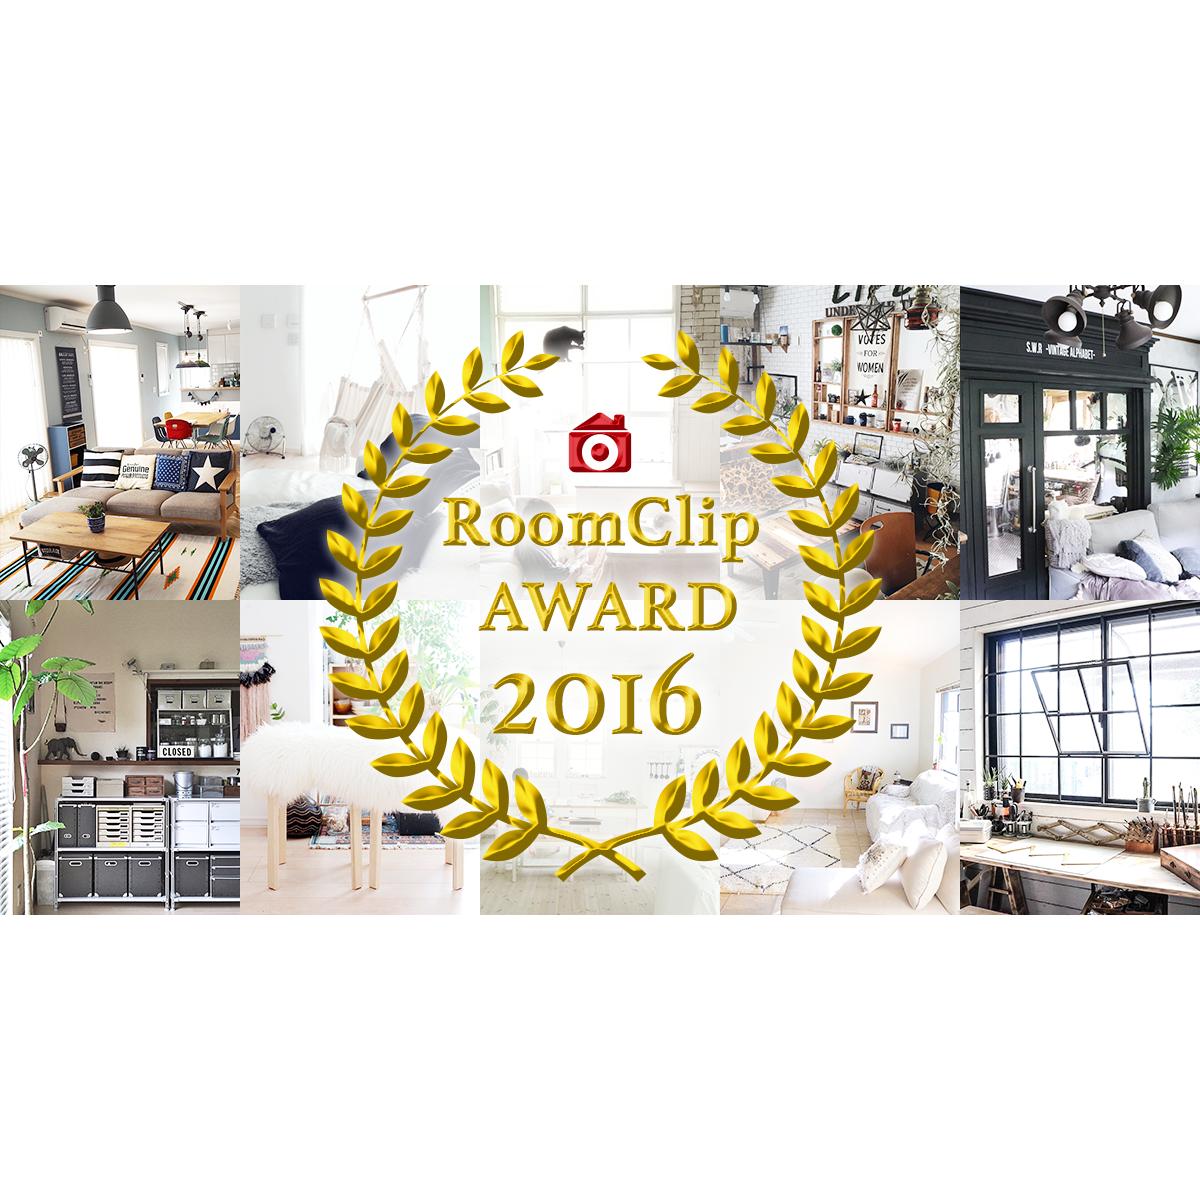 RoomClip Award 2016☆今年のインテリアトレンドを大発表! | RoomClip mag | 暮らしとインテリアのwebマガジン